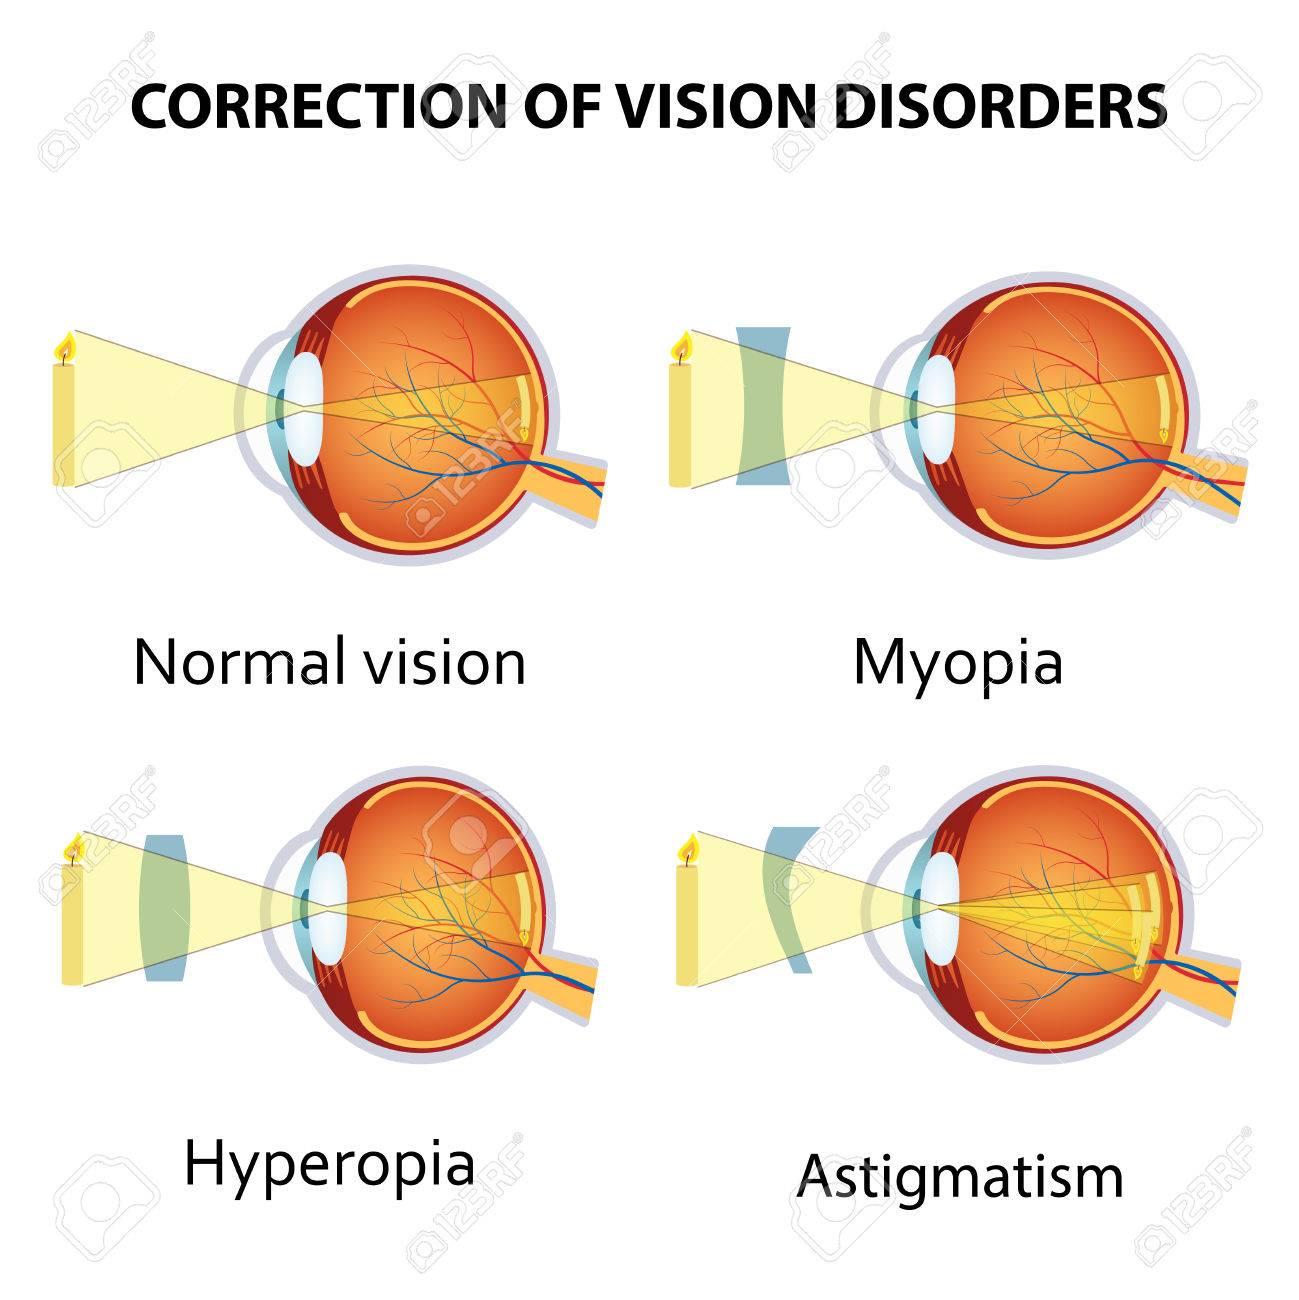 Banque d images - Correction de divers troubles de la vision de l oeil par  la lentille. Hypermétropie, la myopie et l astigmatisme. 9384cff7acae